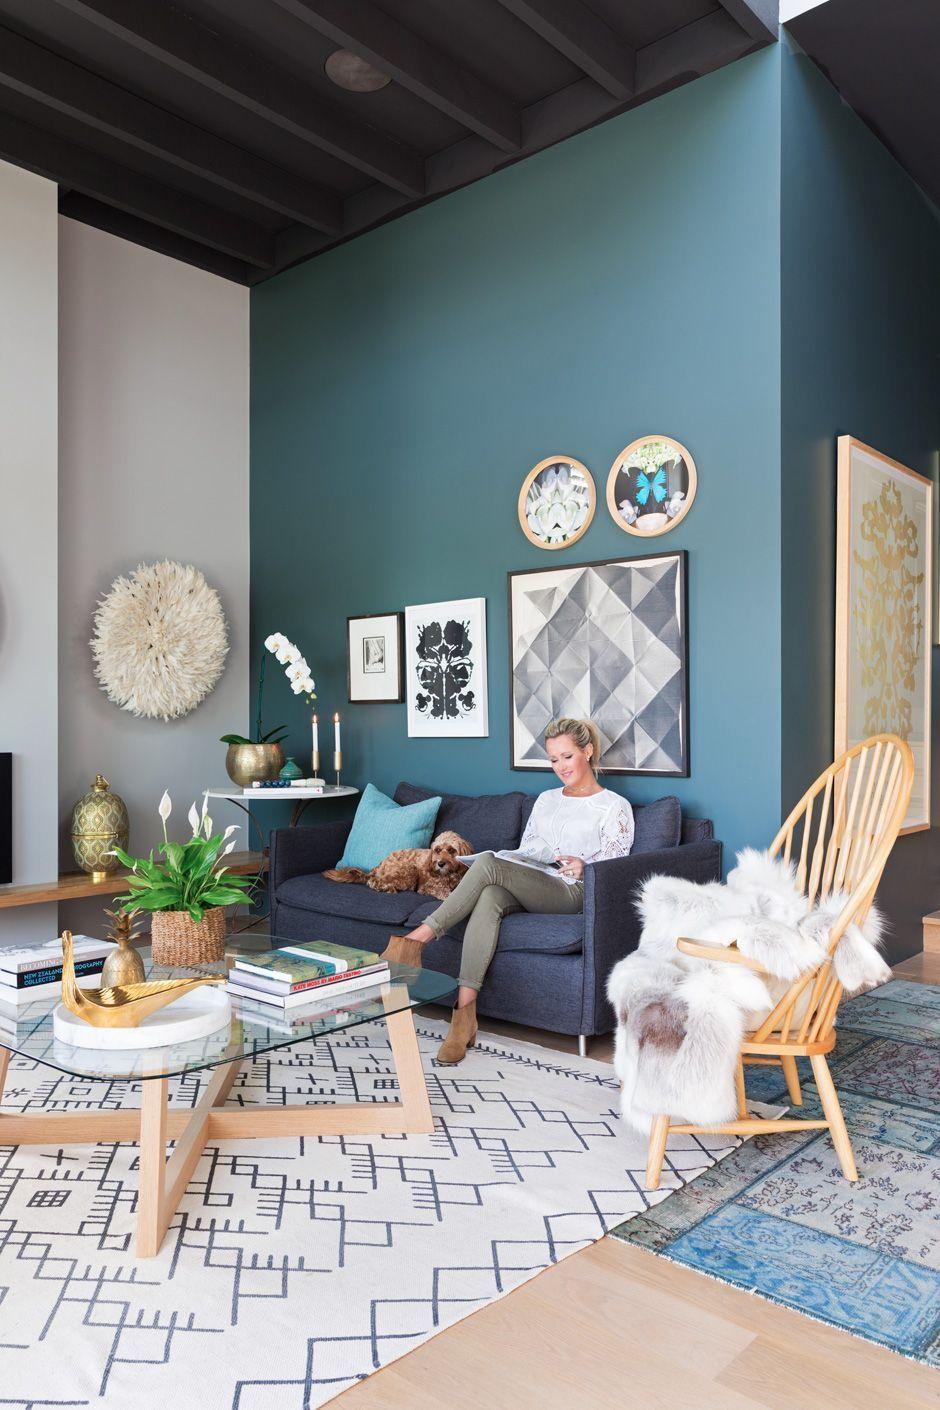 Salon bleu canard : idées peinture et déco bleu canard à copier - Côté Maison